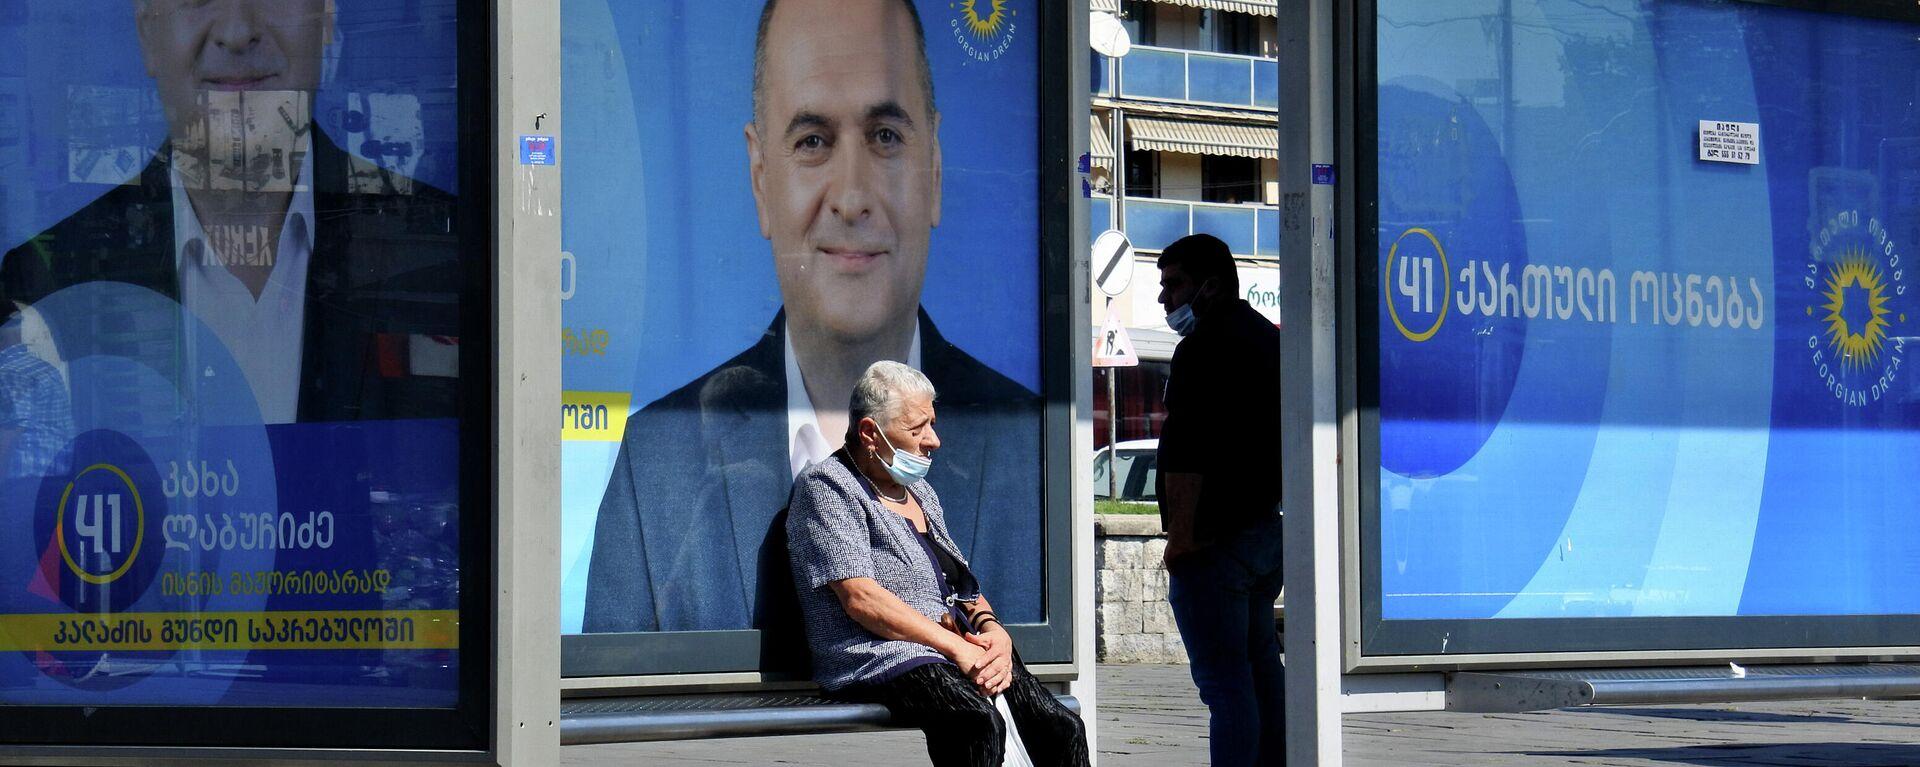 Предвыборная символика. Баннер правящей партии Грузинская мечта. Автобусная остановка - Sputnik Грузия, 1920, 30.09.2021